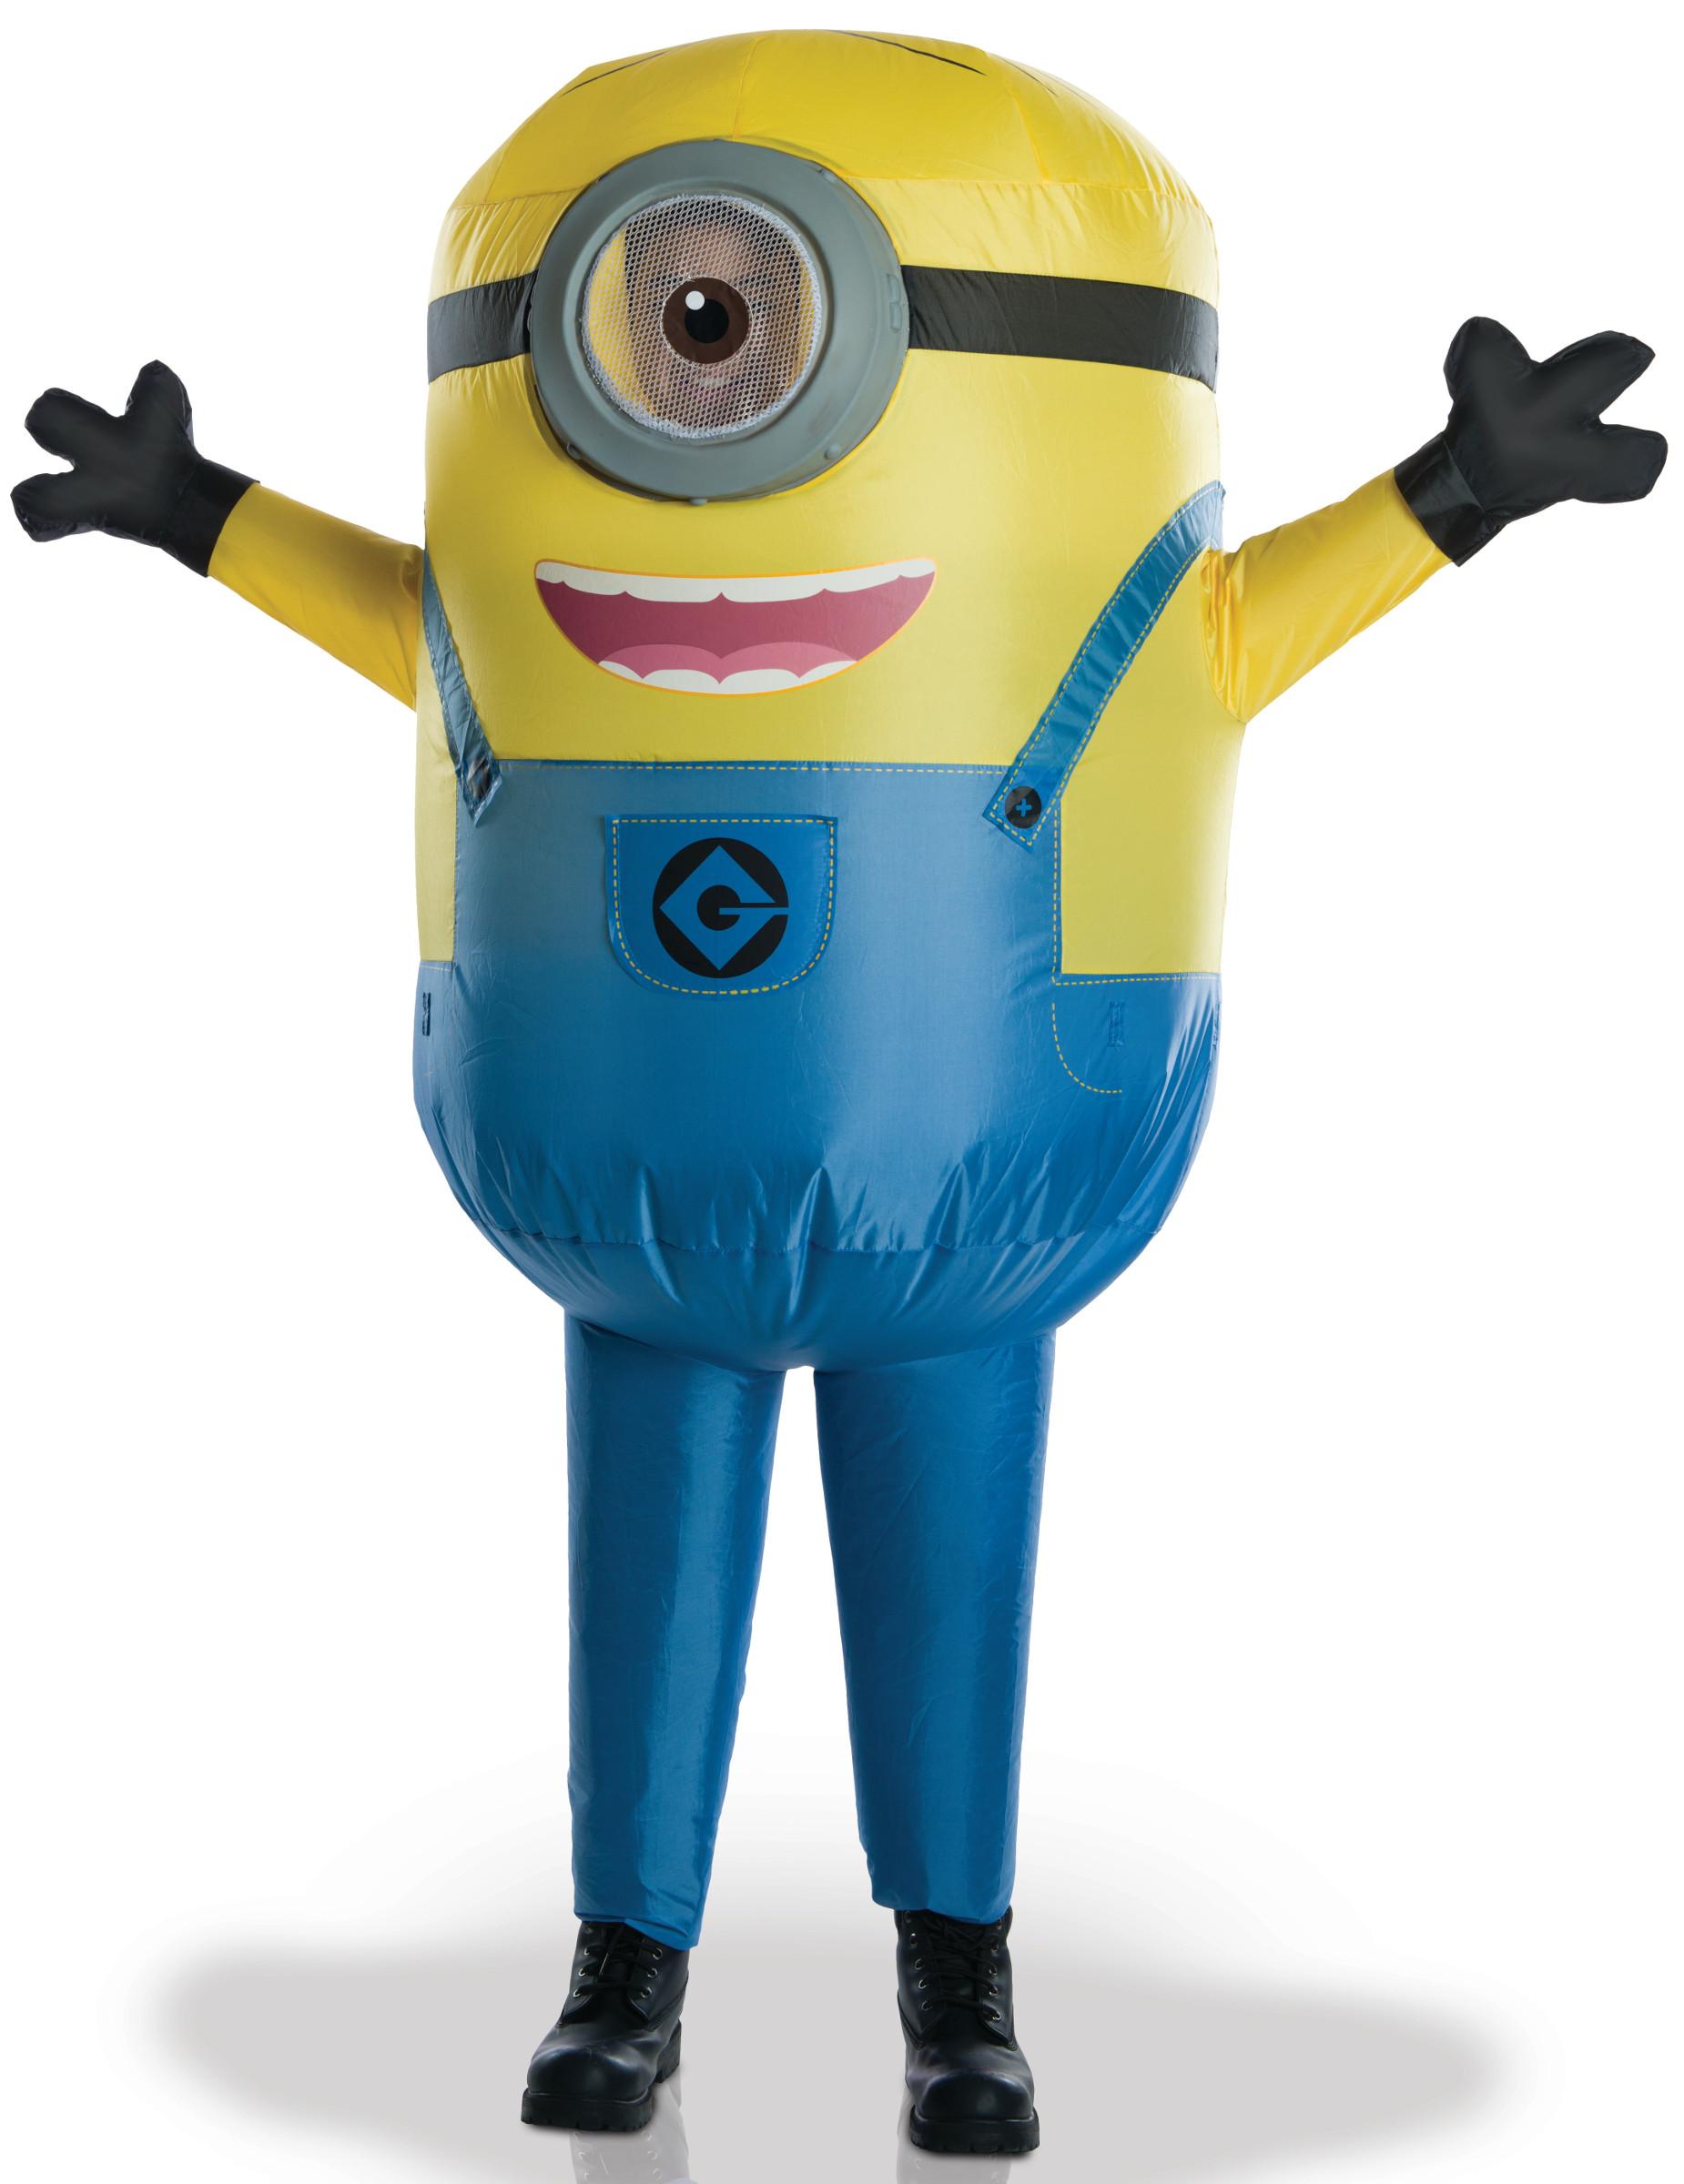 D guisement gonflable minions enfants deguise toi achat de d guisements enfants - Deguisement minion fait maison ...